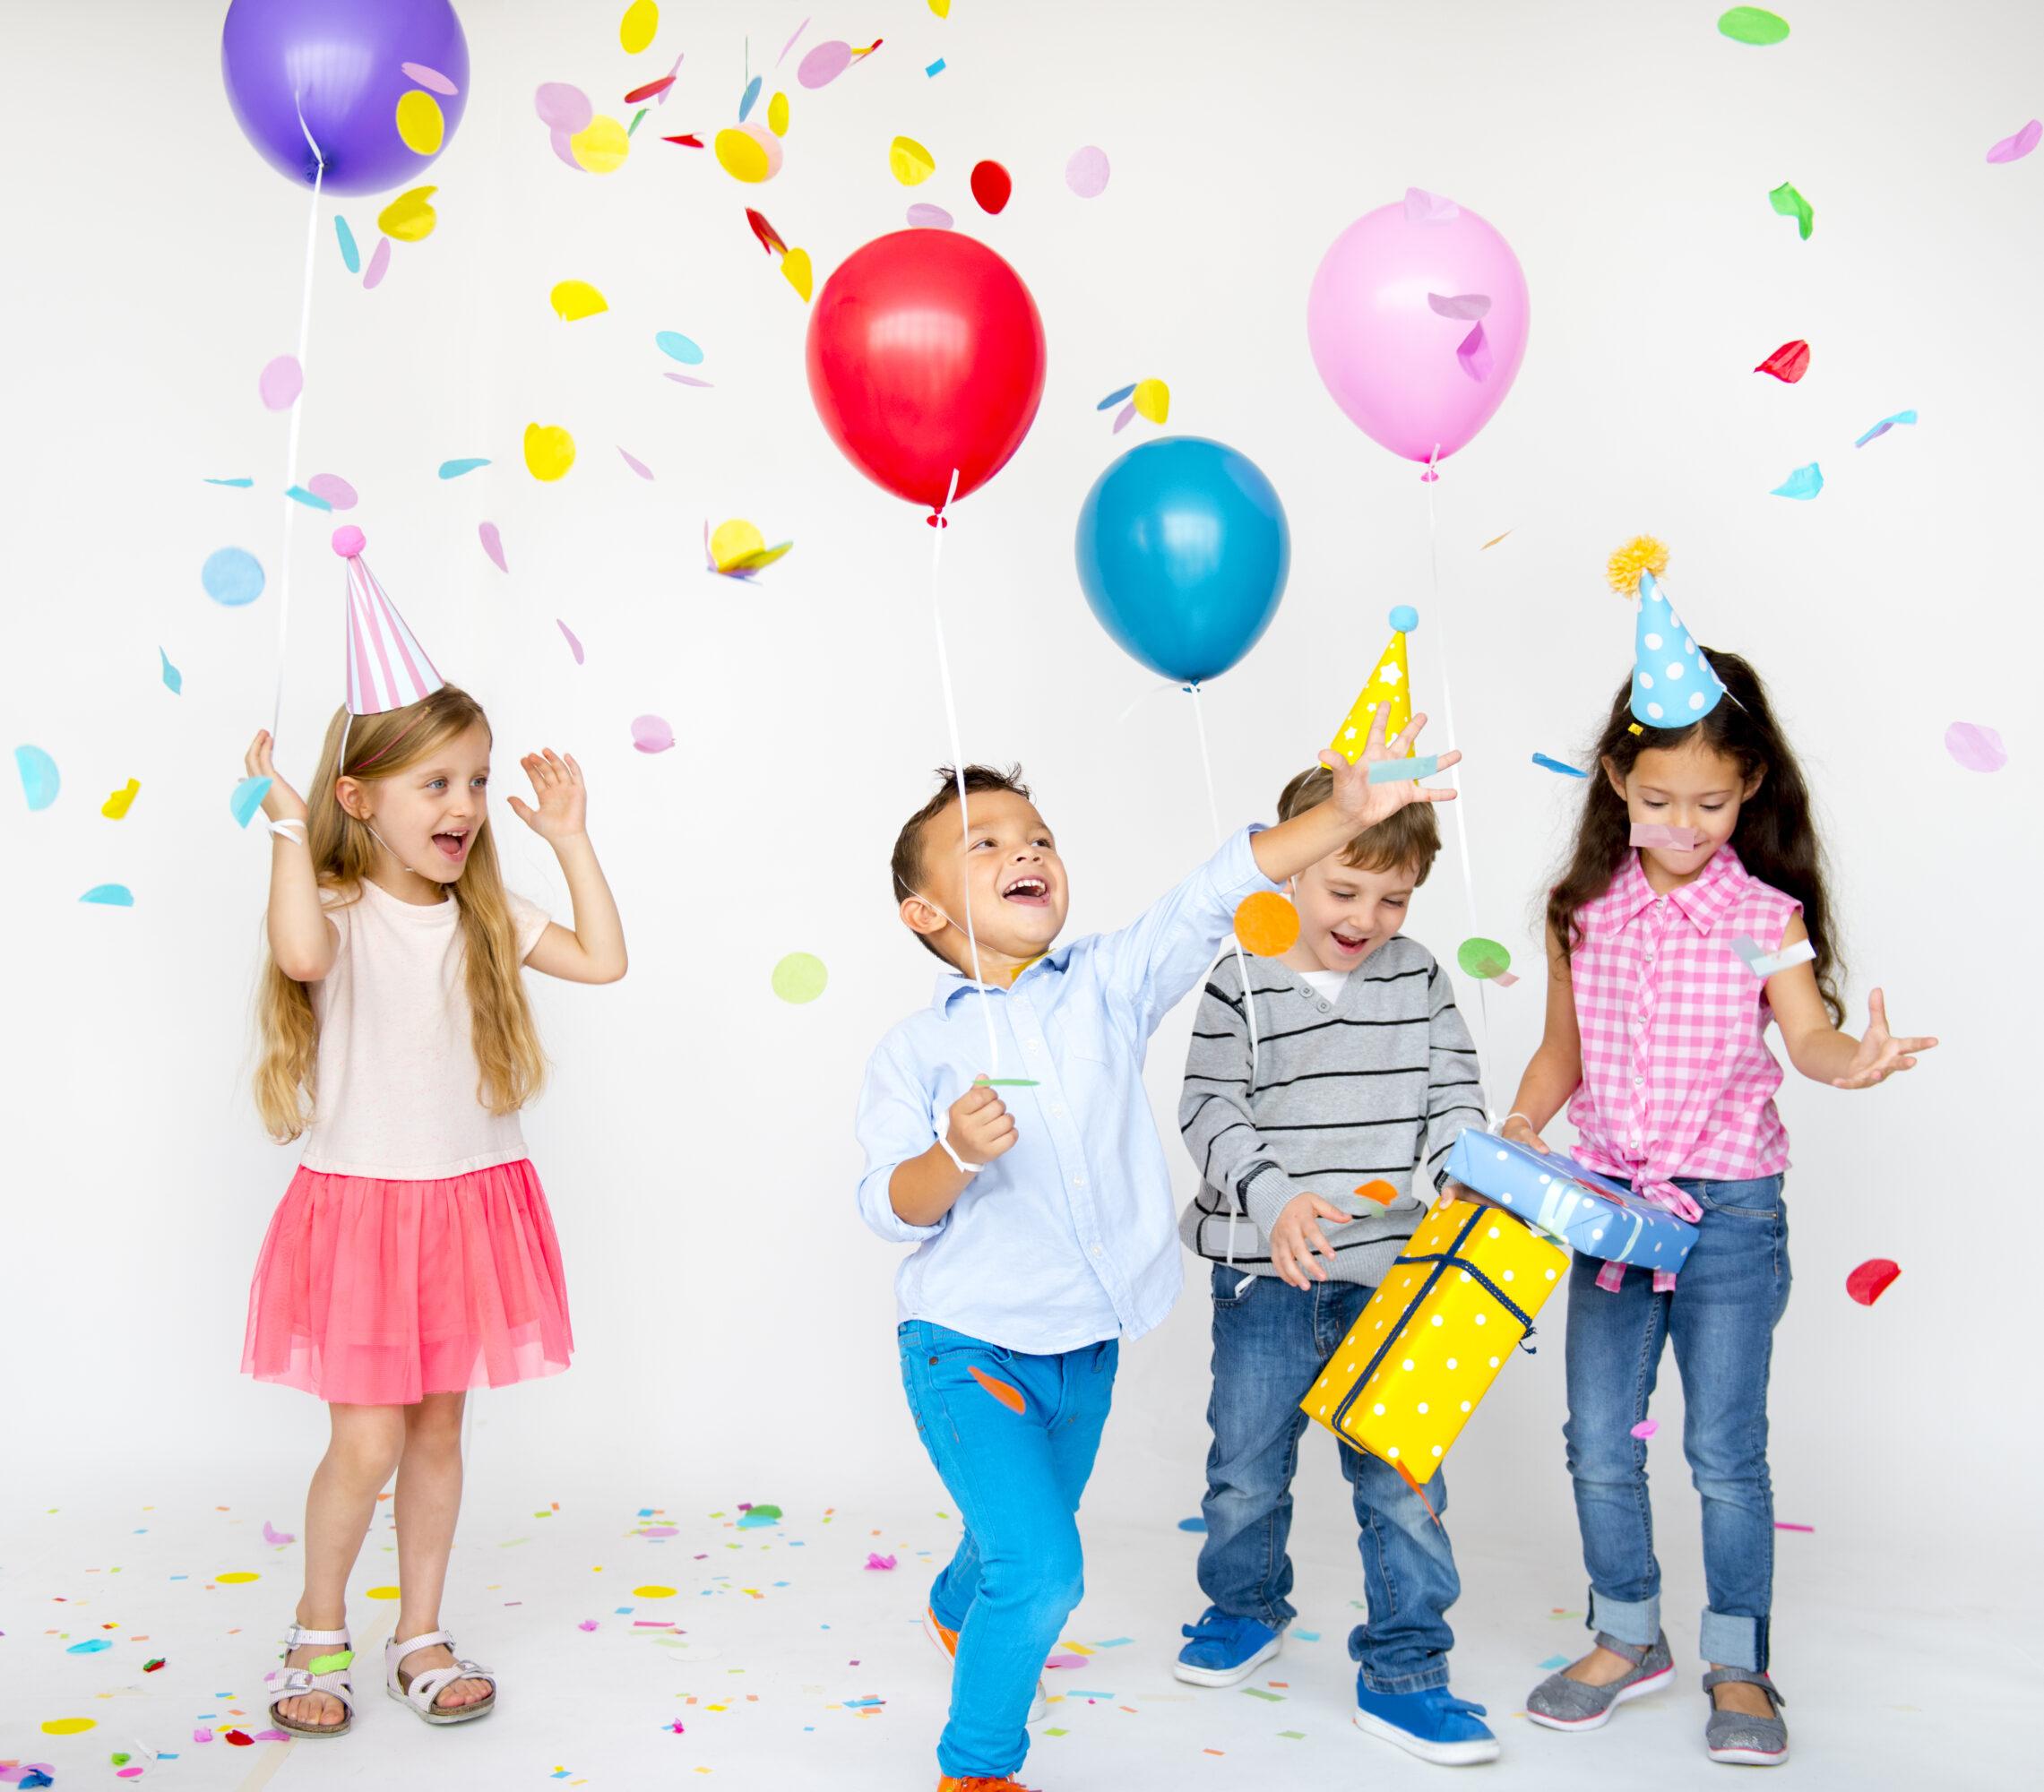 Uitnodigingen voor een kinderfeestje maken